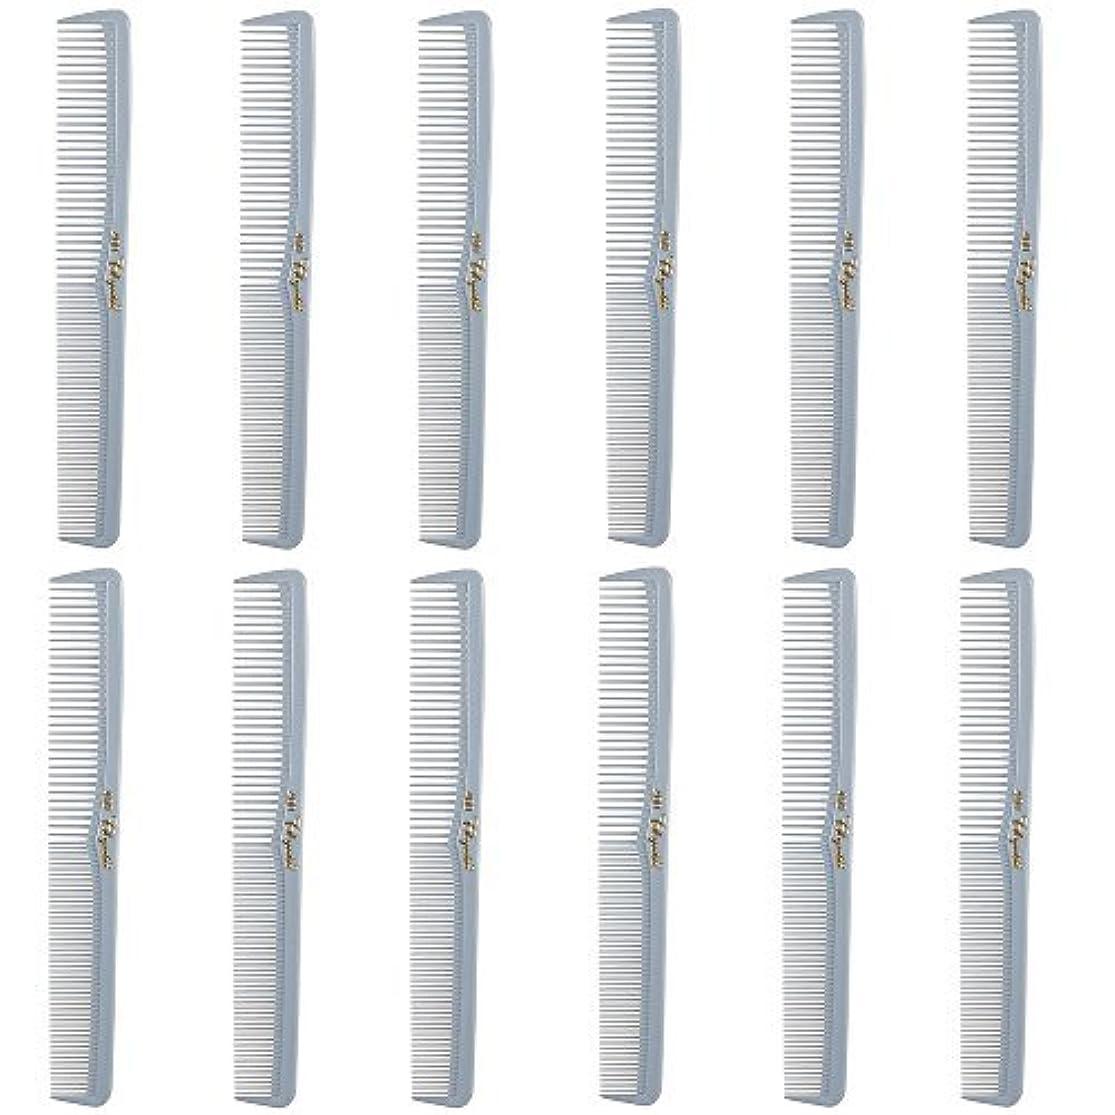 価値ポケット政令Barber Beauty Hair Cleopatra 400 All Purpose Comb (12 Pack) 12 x SB-C400-LGREY [並行輸入品]